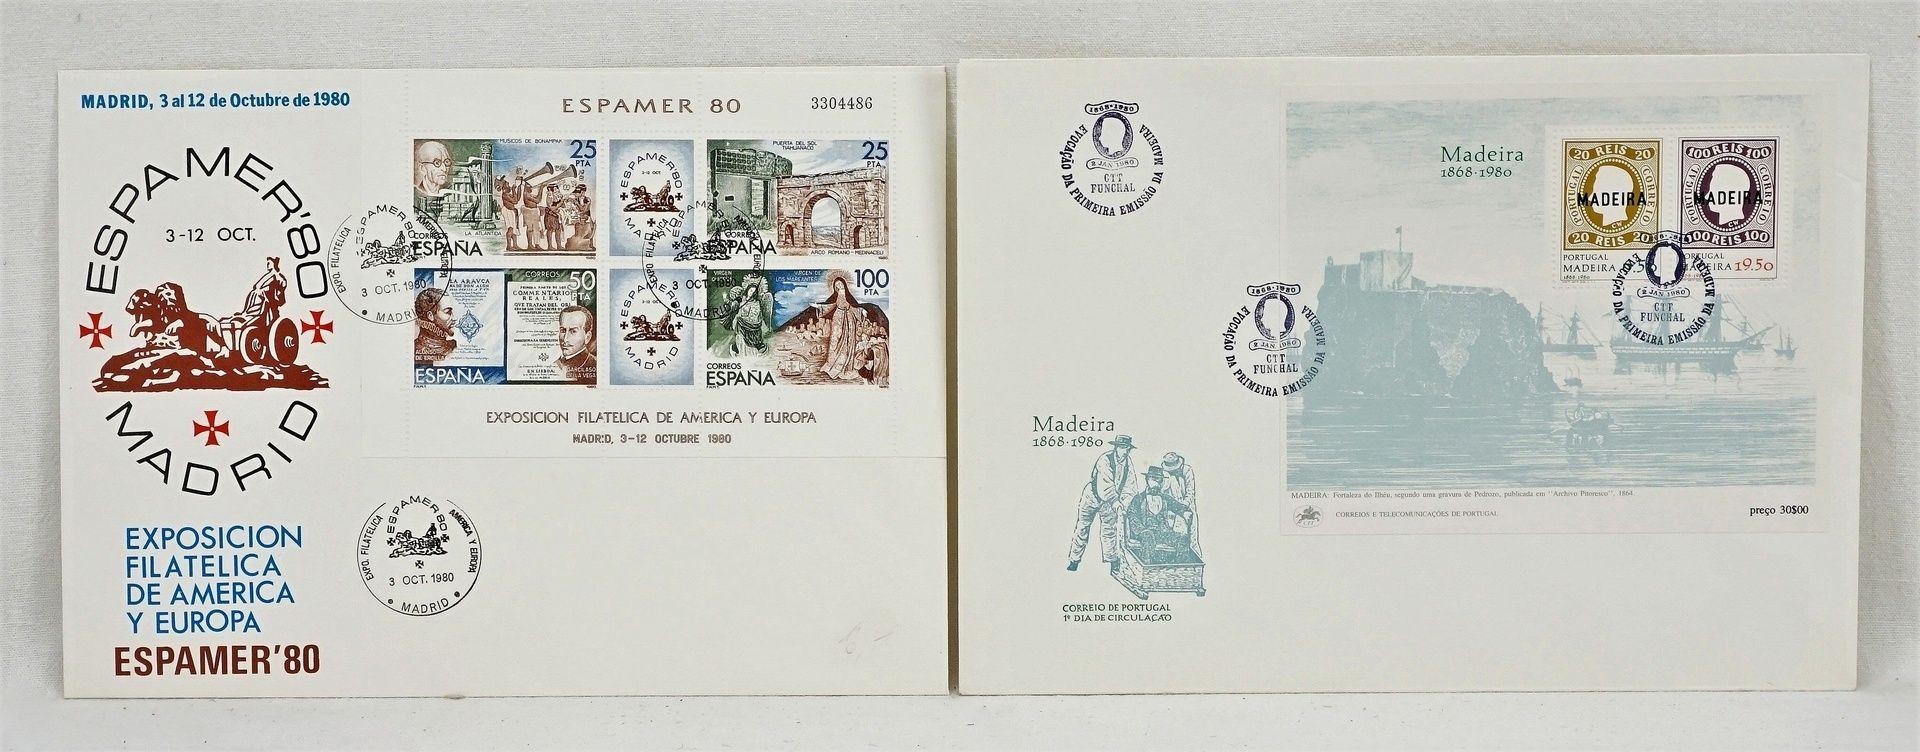 124 Briefe und Großbriefe aus aller Welt - Bild 3 aus 4